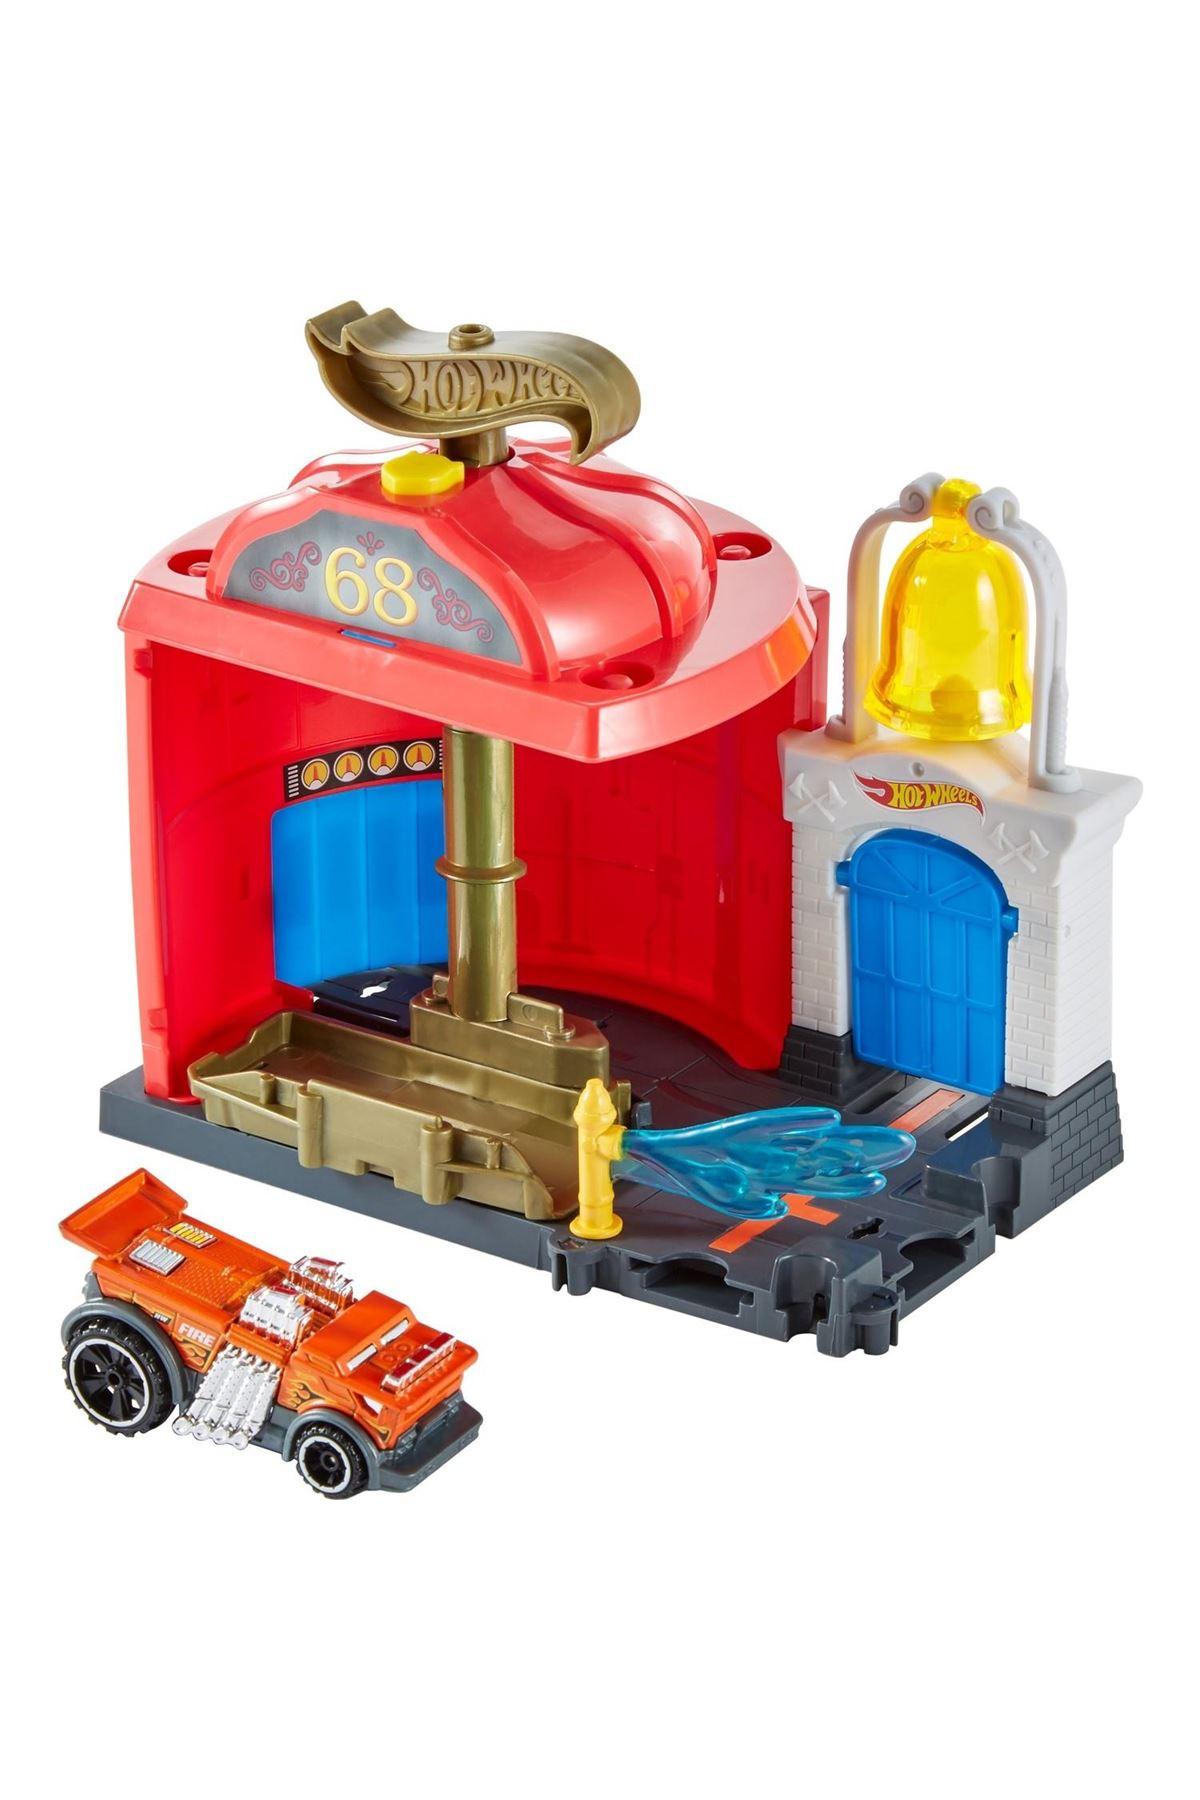 Hot Wheels Şehir Otoparkı Oyun Setleri FRH28 FRH29